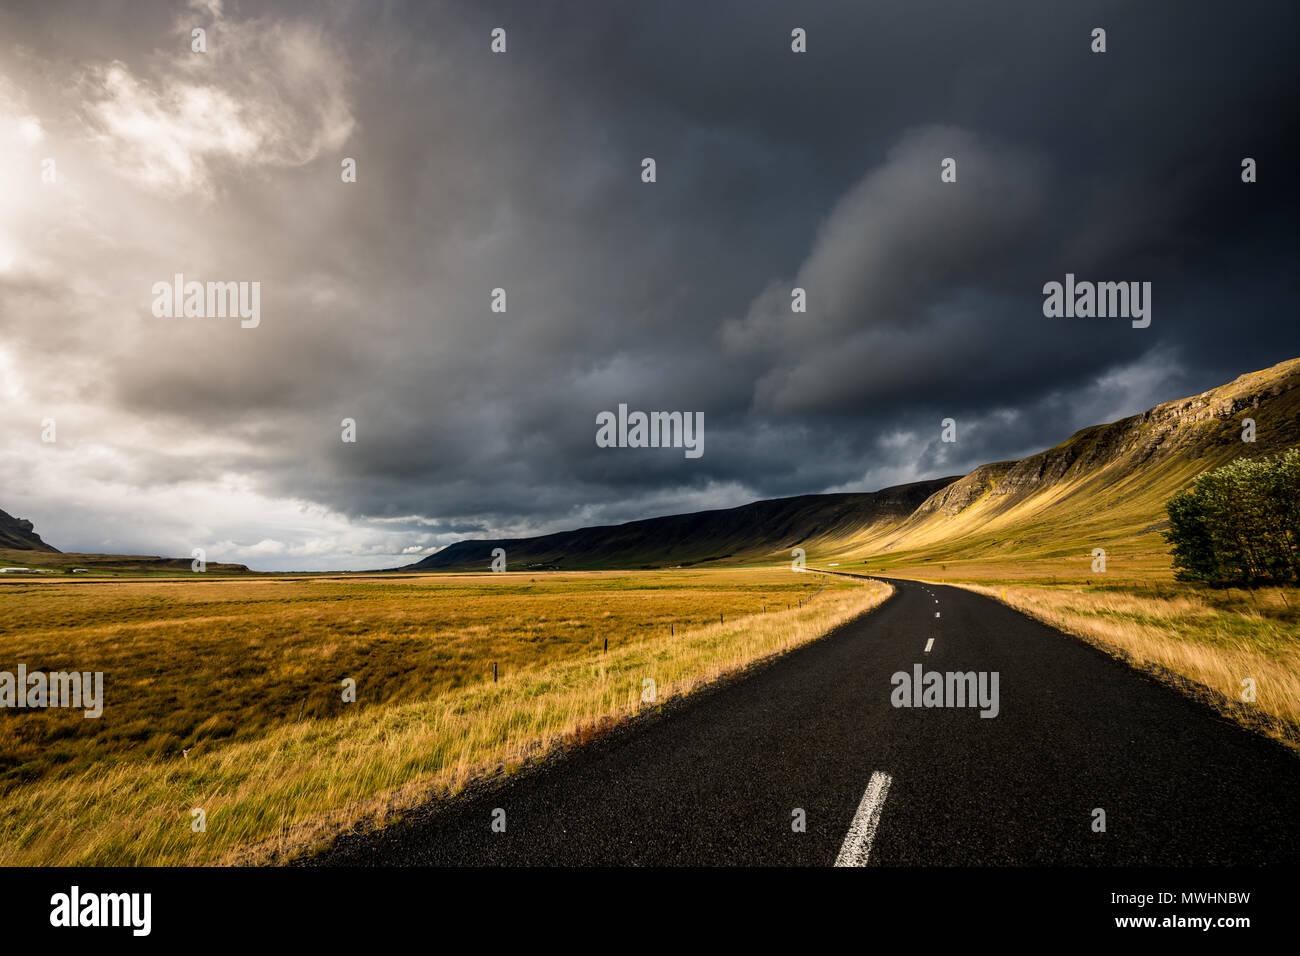 Una calle en el interior de Islandia en la tarde Imagen De Stock